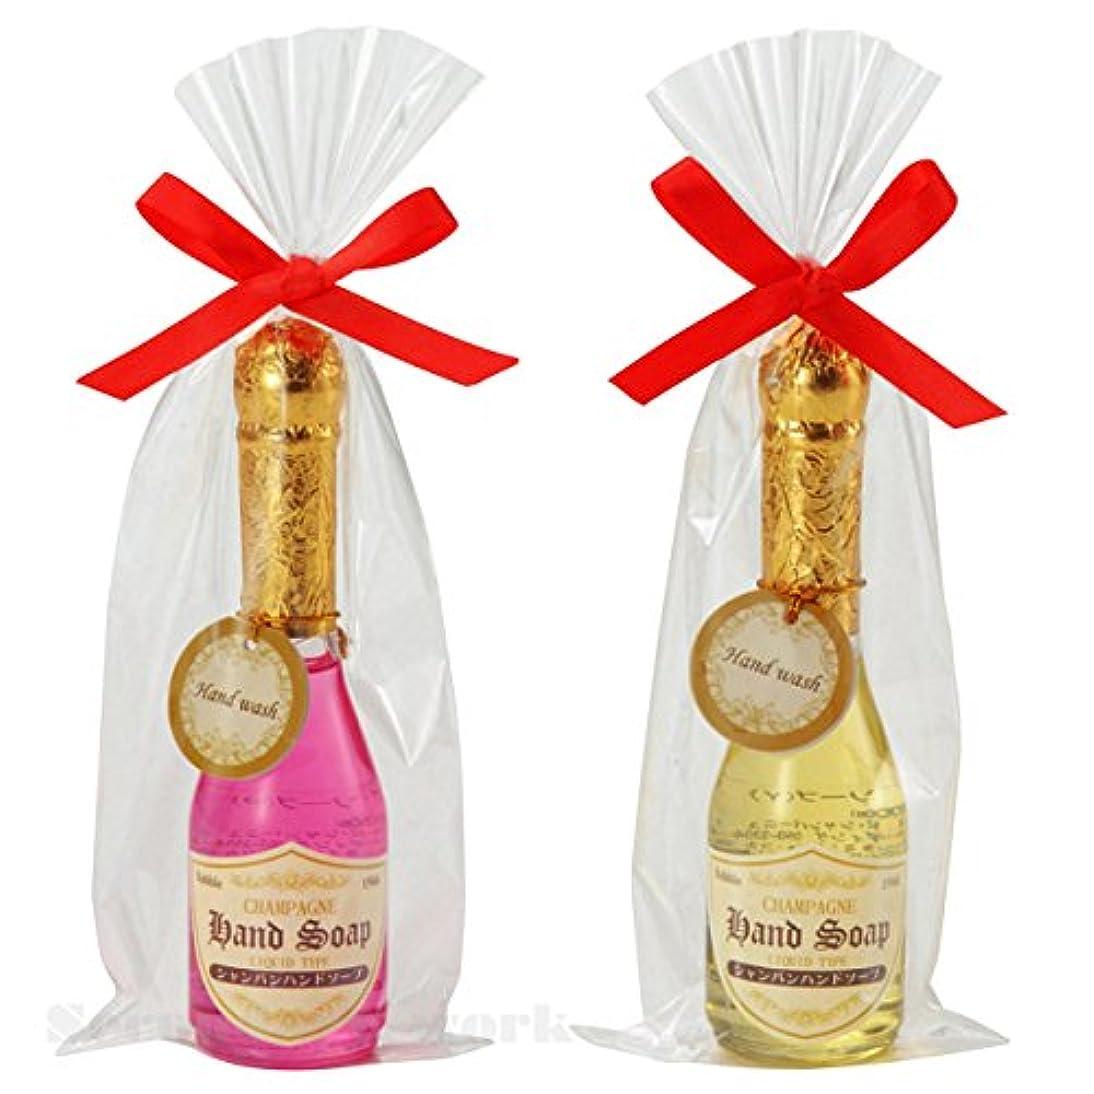 二次香水工業用シャンパンハンドソープ【まとめ売り】10本<2色取混ぜ>色柄指定不可